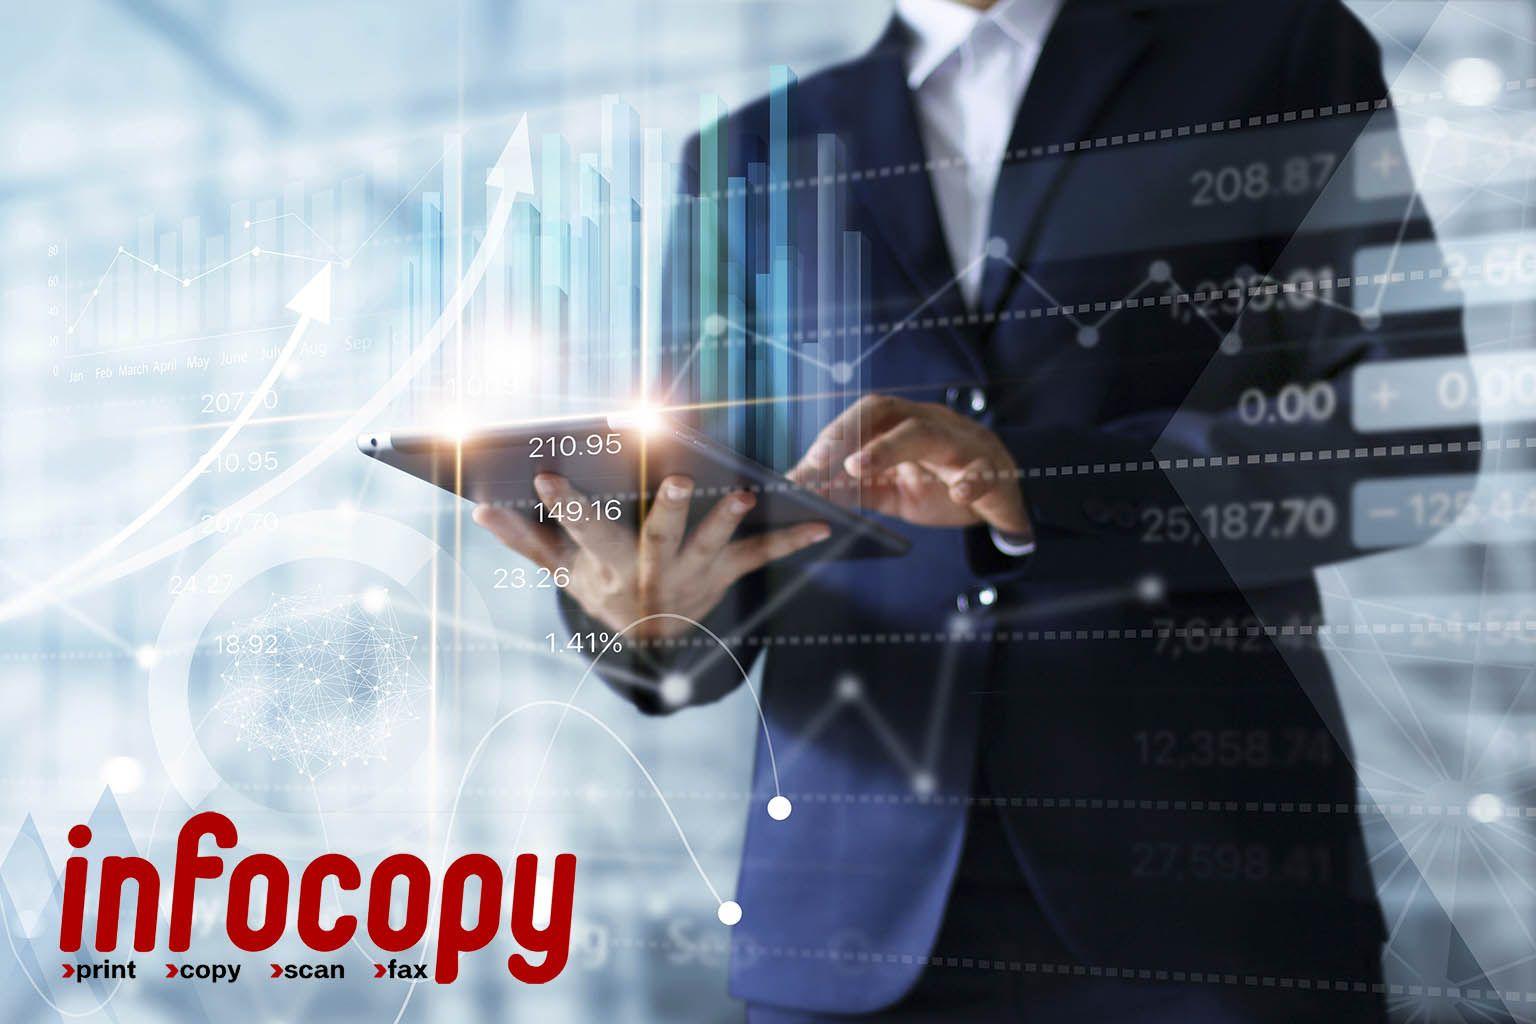 Infocopy apuesta por la automatización de procesos como pilar básico para el futuro de los negocios